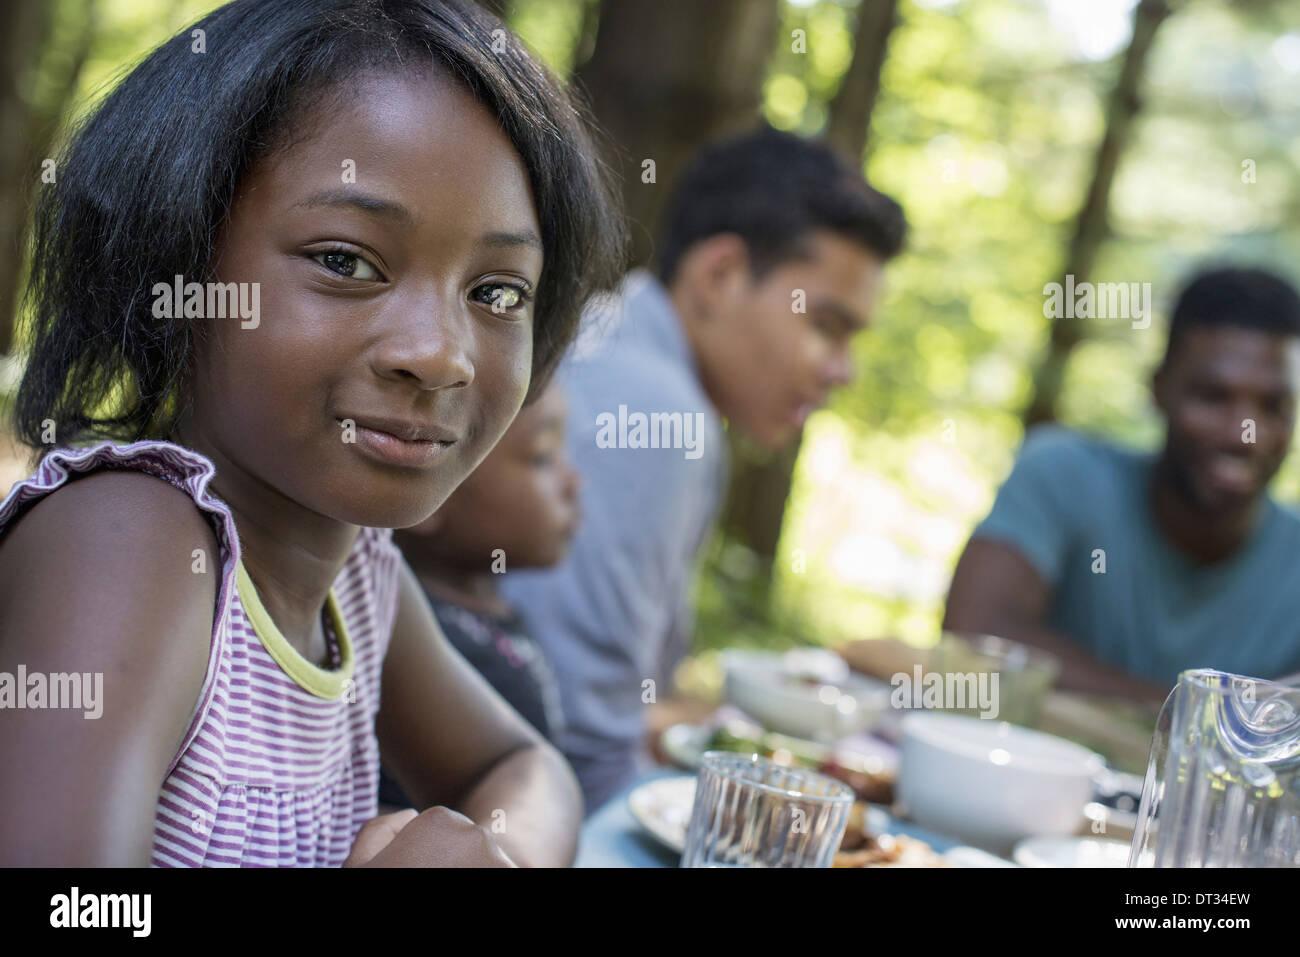 Ein junges Mädchen und Erwachsenen am Tisch sitzen Stockbild